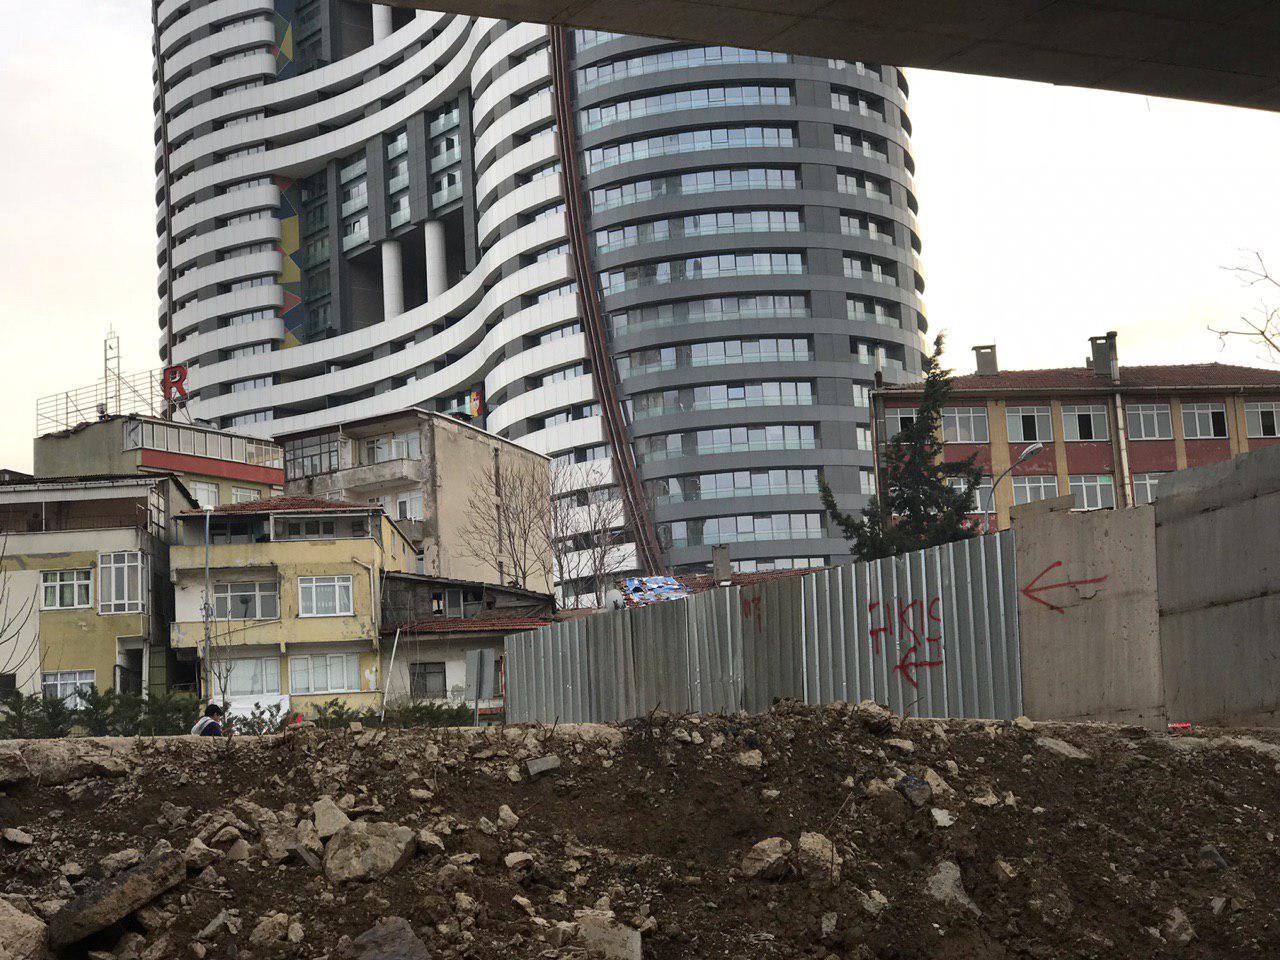 Politiques urbaines en Turquie : entre conservatisme néolibéral et autoritarisme